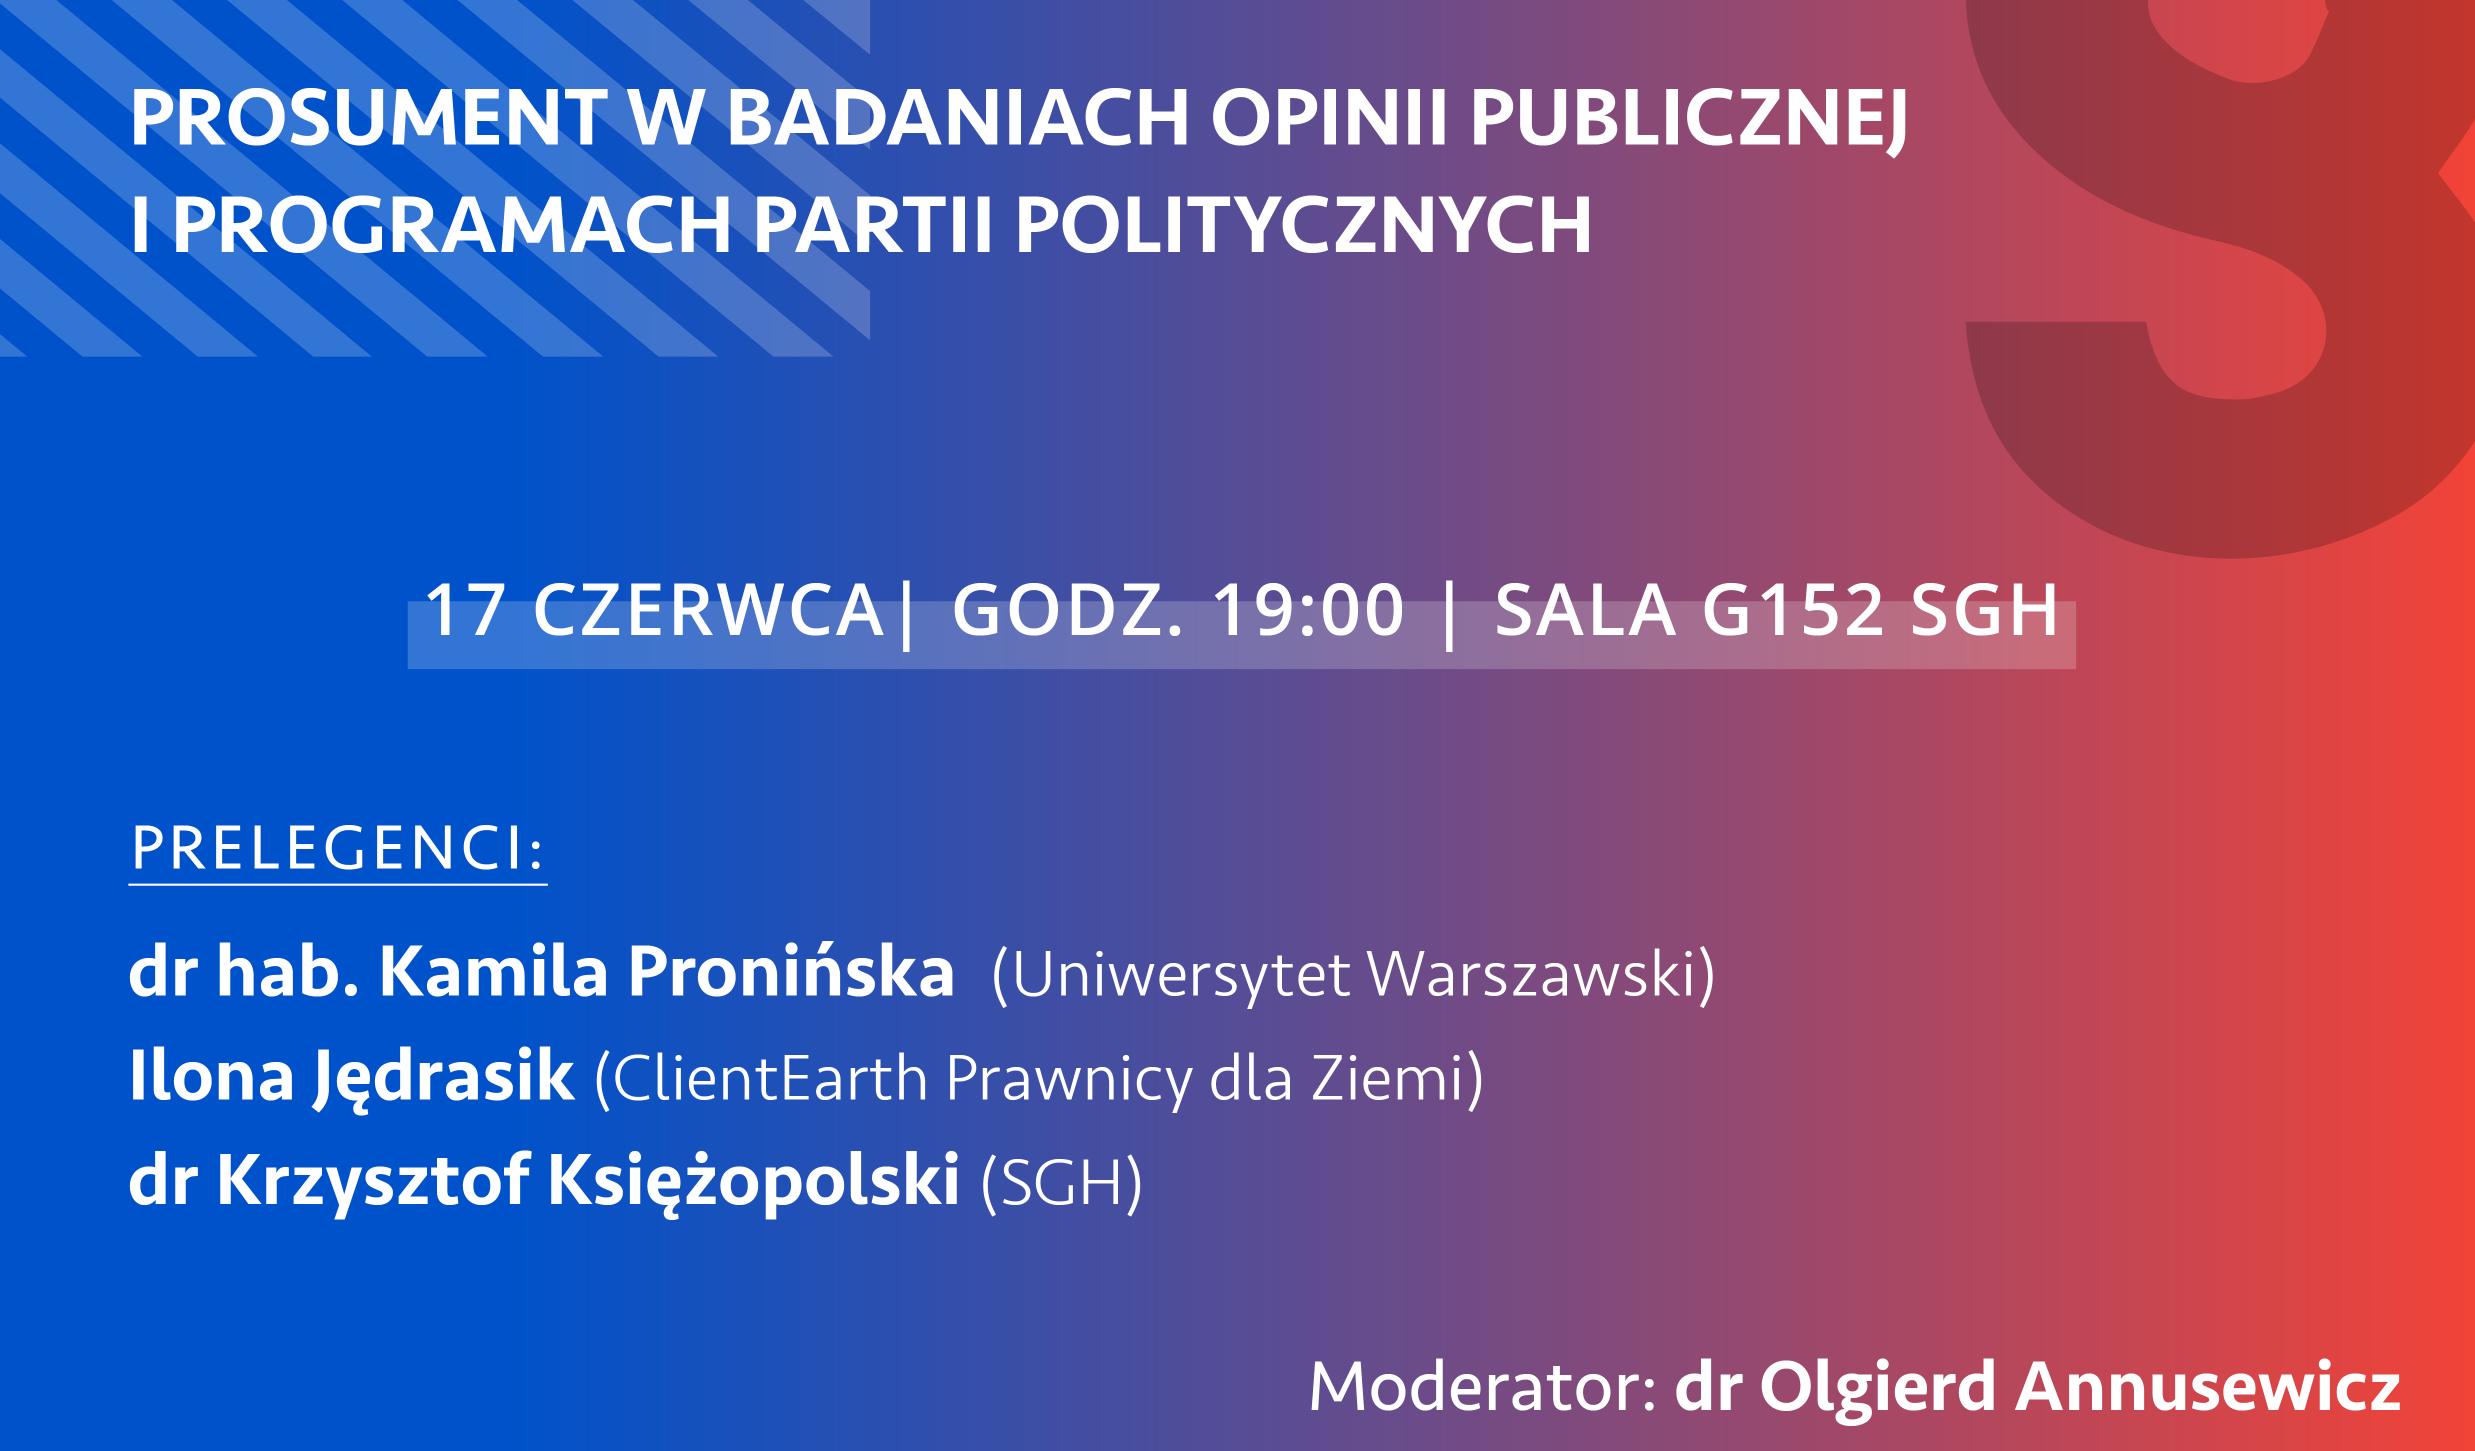 Prosument w badaniach opinii publicznej i programach partii politycznych